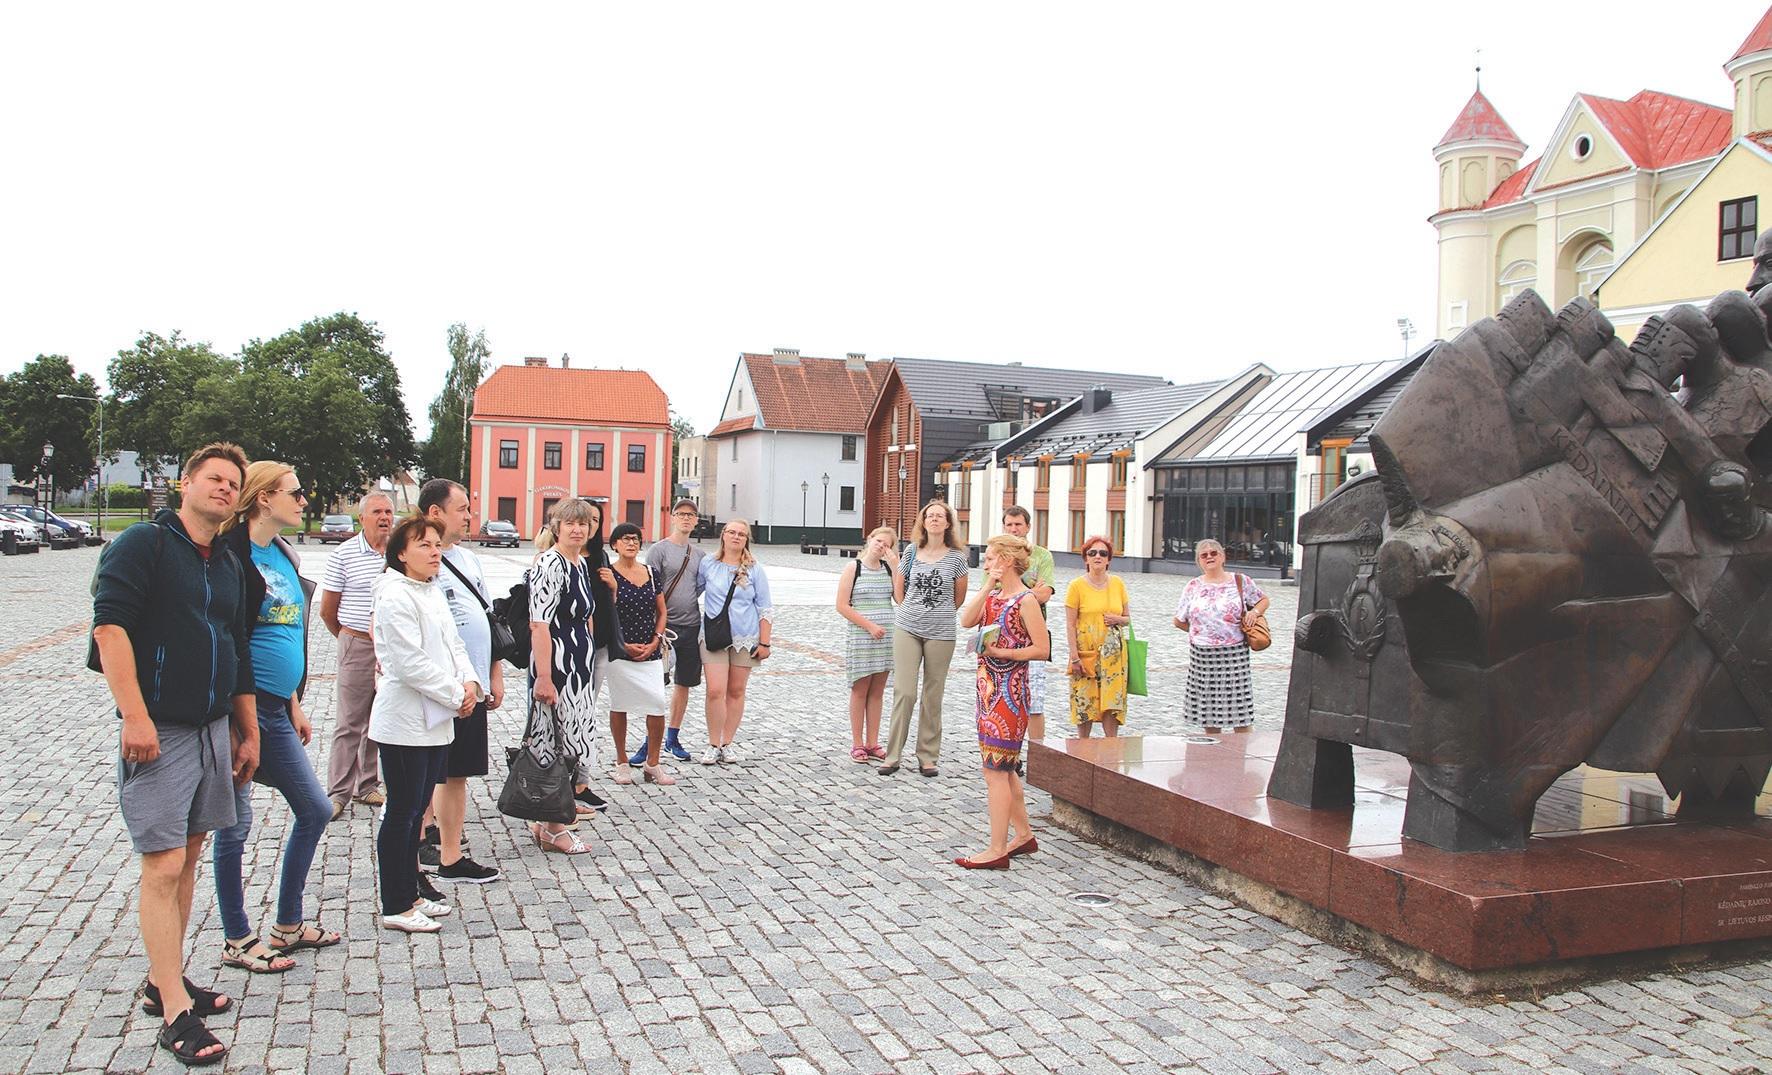 Kėdainių turizmo ir verslo informacijos centro vadybininkė Edita Mongirdaitė veda ekskursiją./ Asmeninio archyvo nuotr.